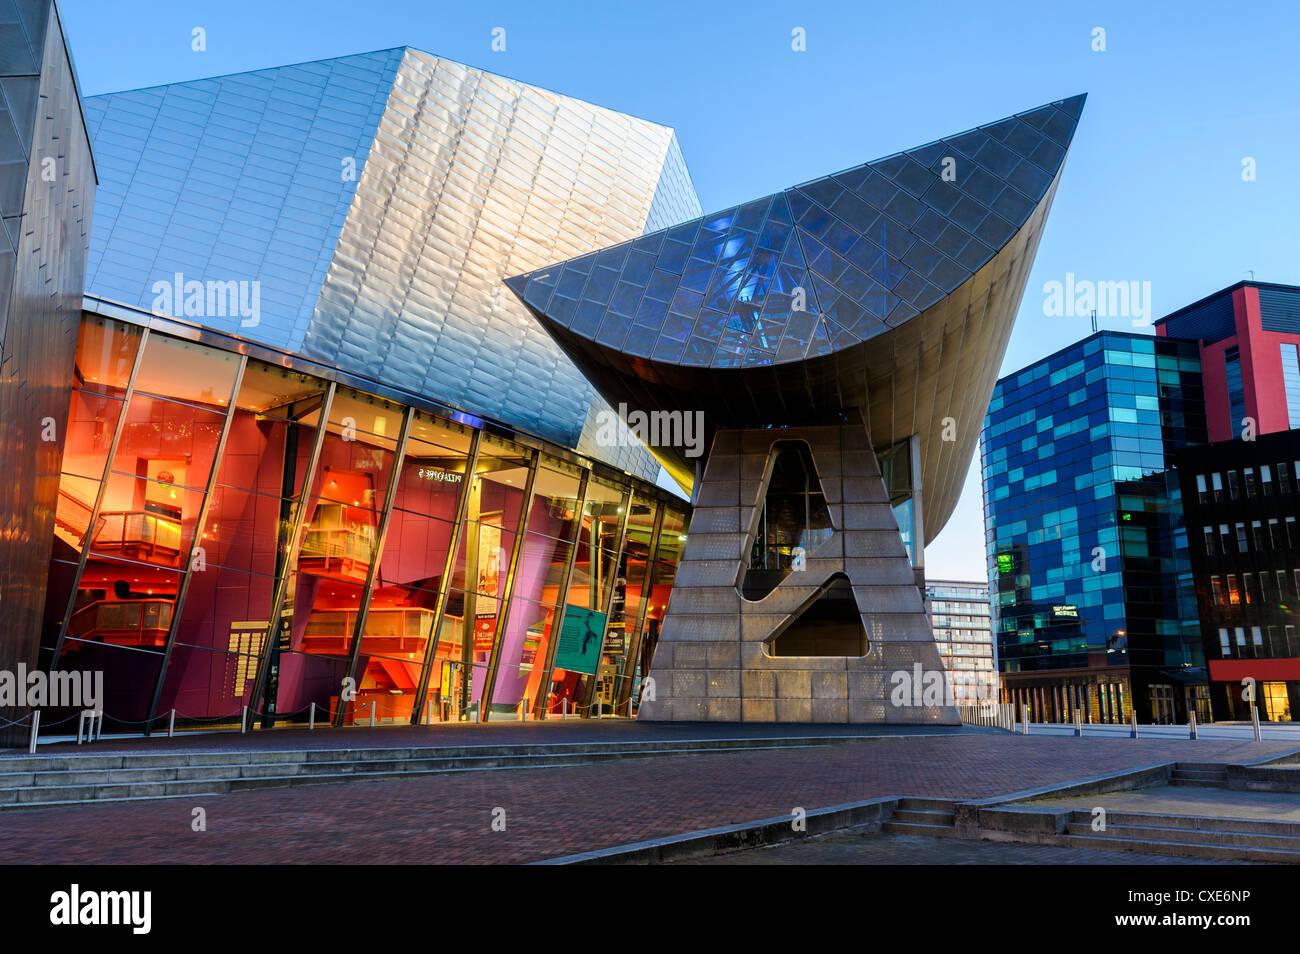 Il Lowry Centre Teatro all'alba, Salford Quays, Manchester, Greater Manchester, Inghilterra, Regno Unito, Europa Immagini Stock